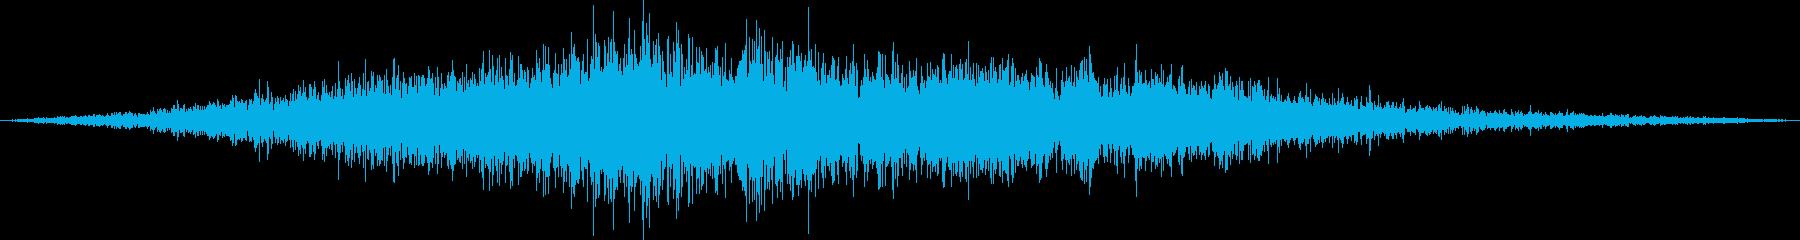 旅客機が滑走路に着陸(普通の旅客機)の再生済みの波形